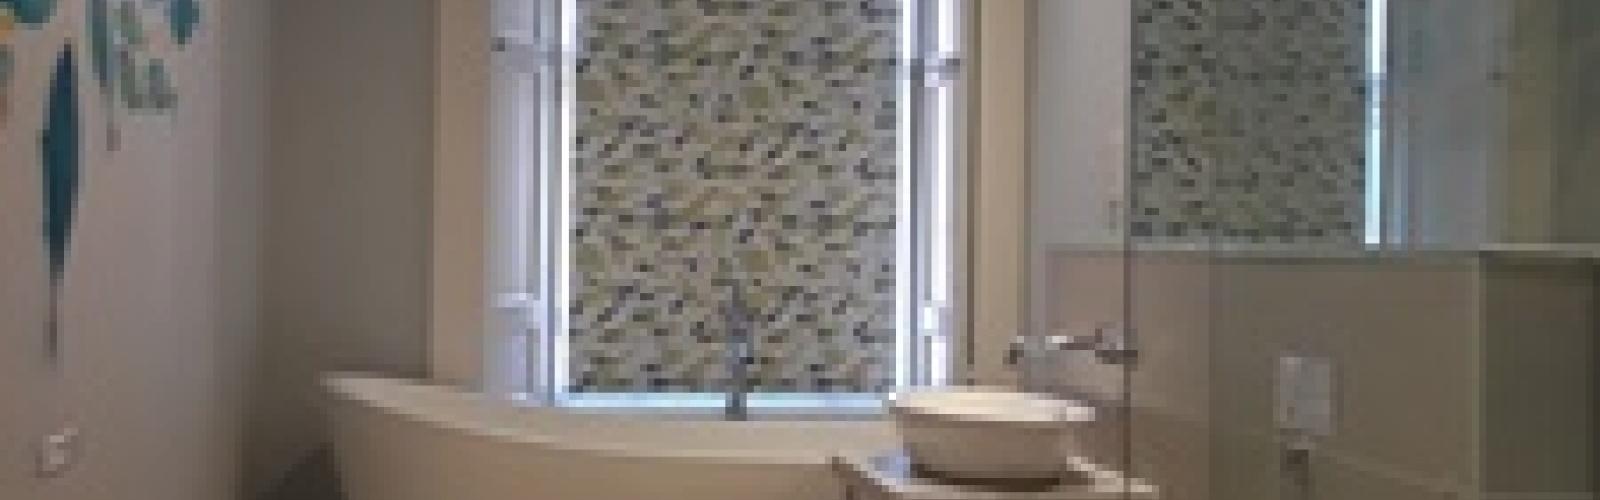 3 Bedrooms Bedrooms,2 BathroomsBathrooms,Flat,1066